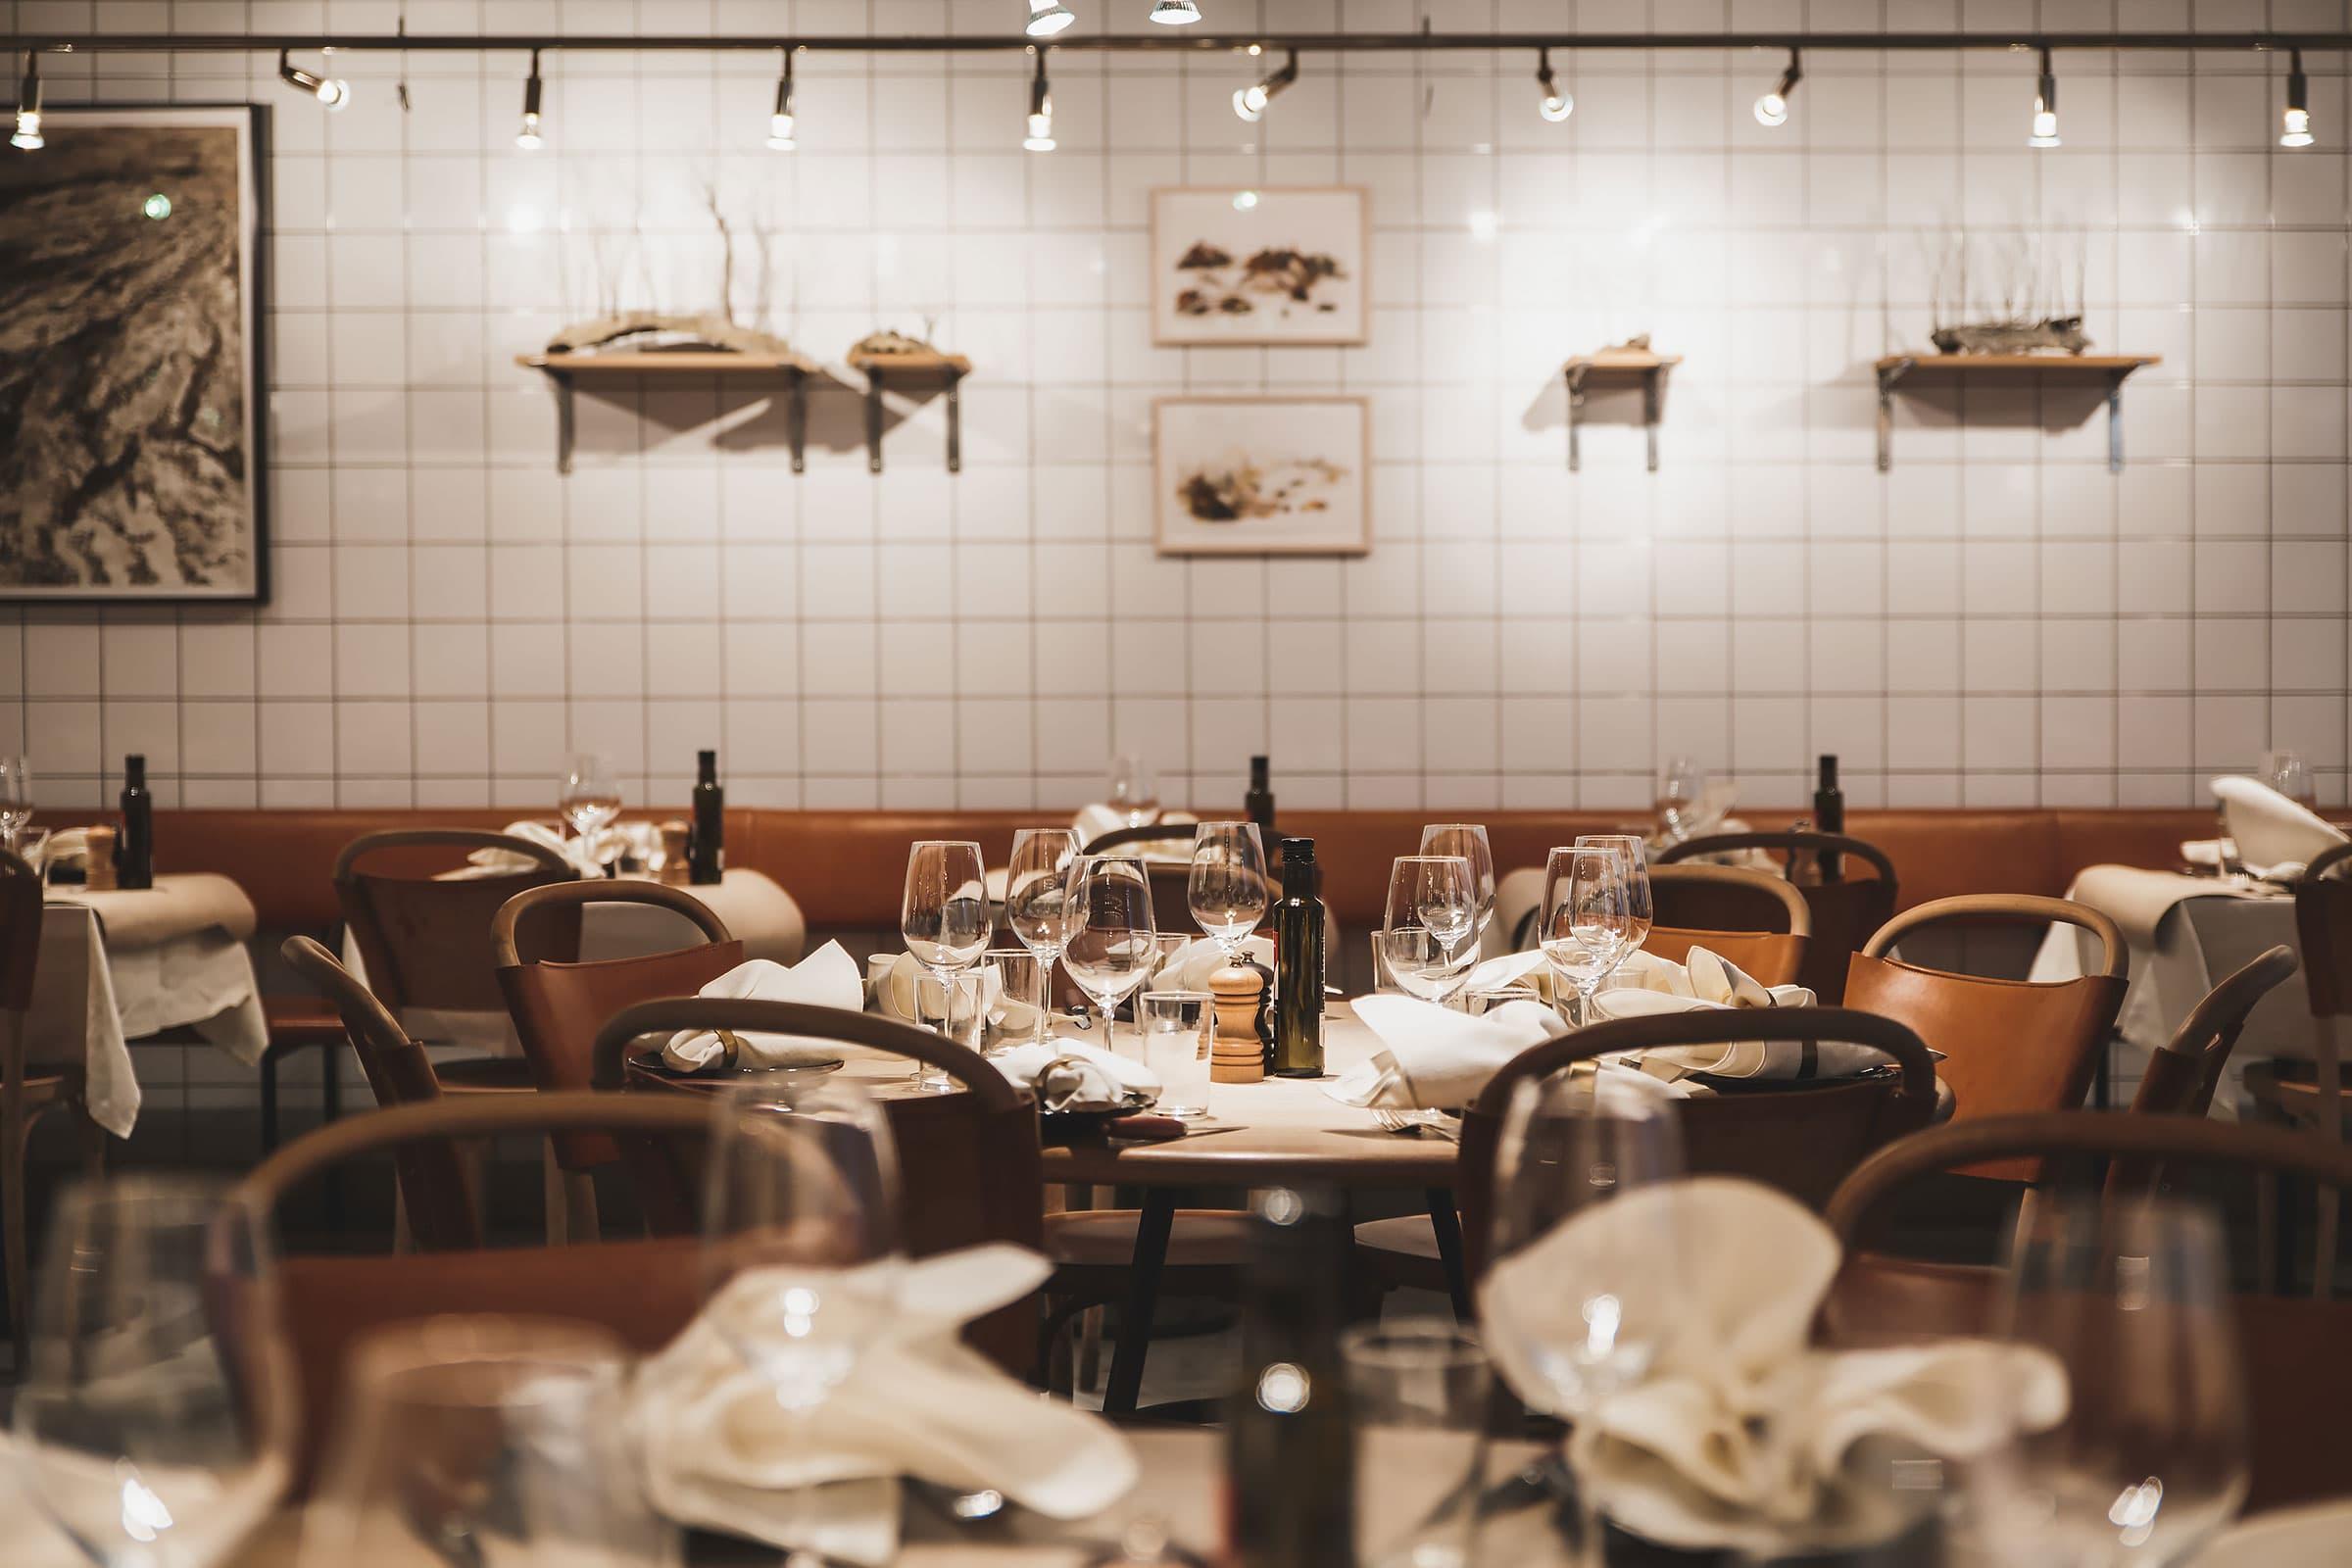 The best restaurants in Kungsholmen